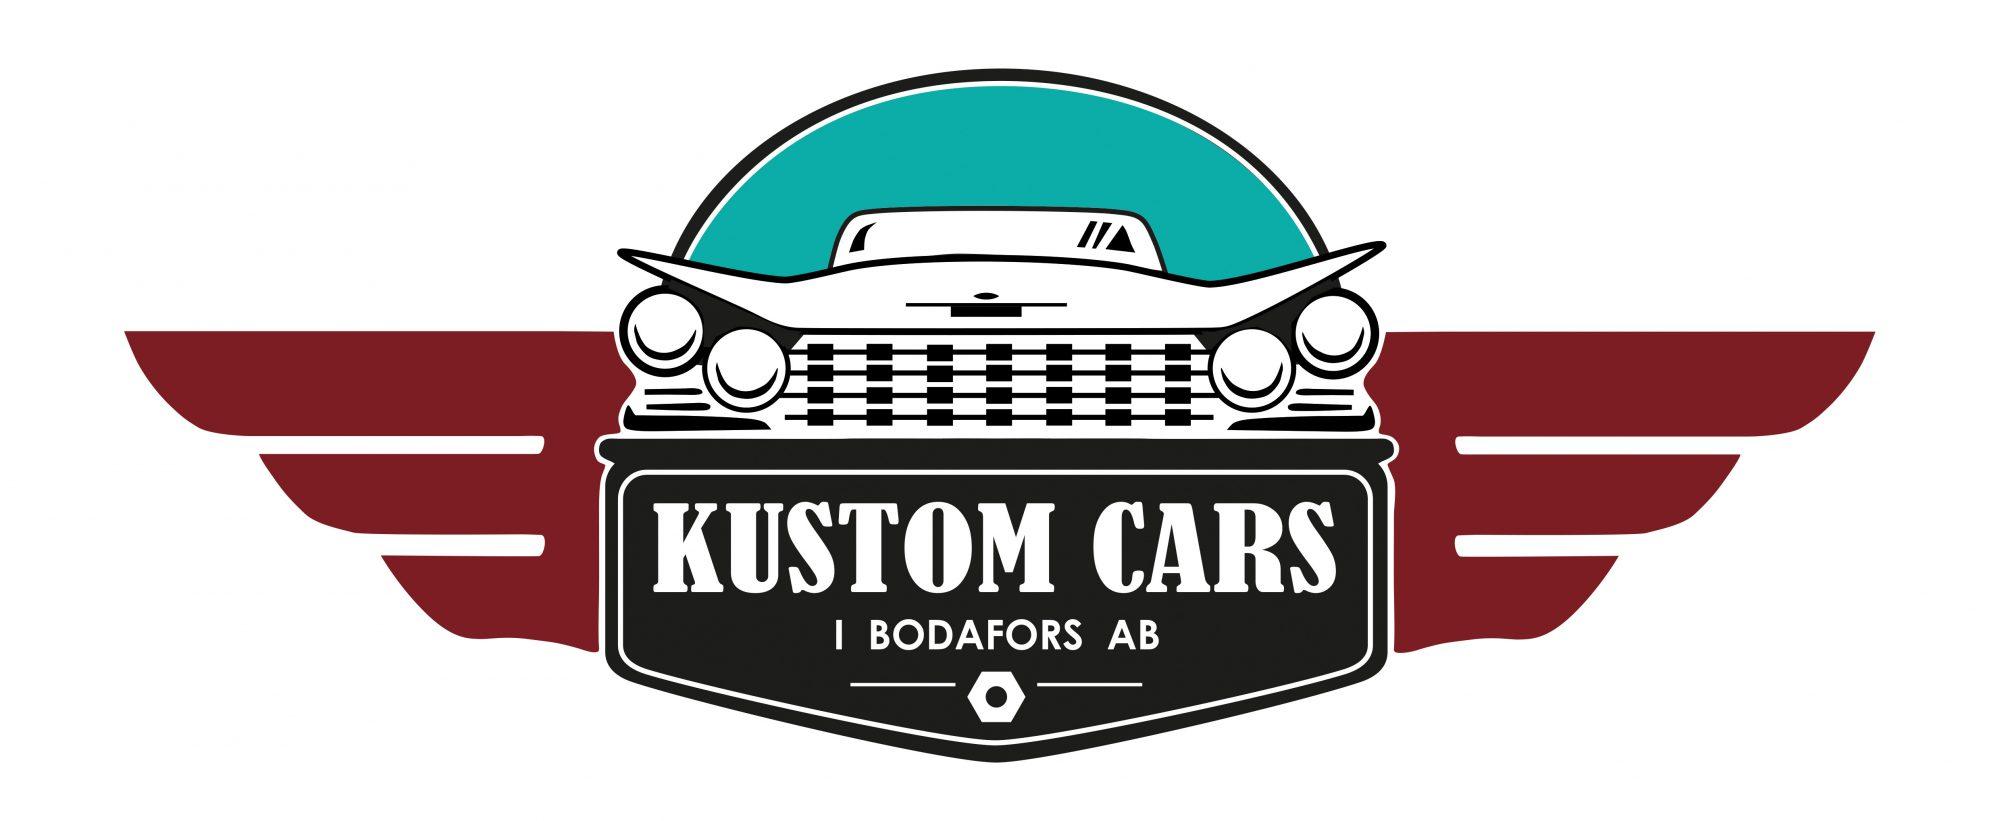 Välkommen till Kustom Cars i Bodafors AB